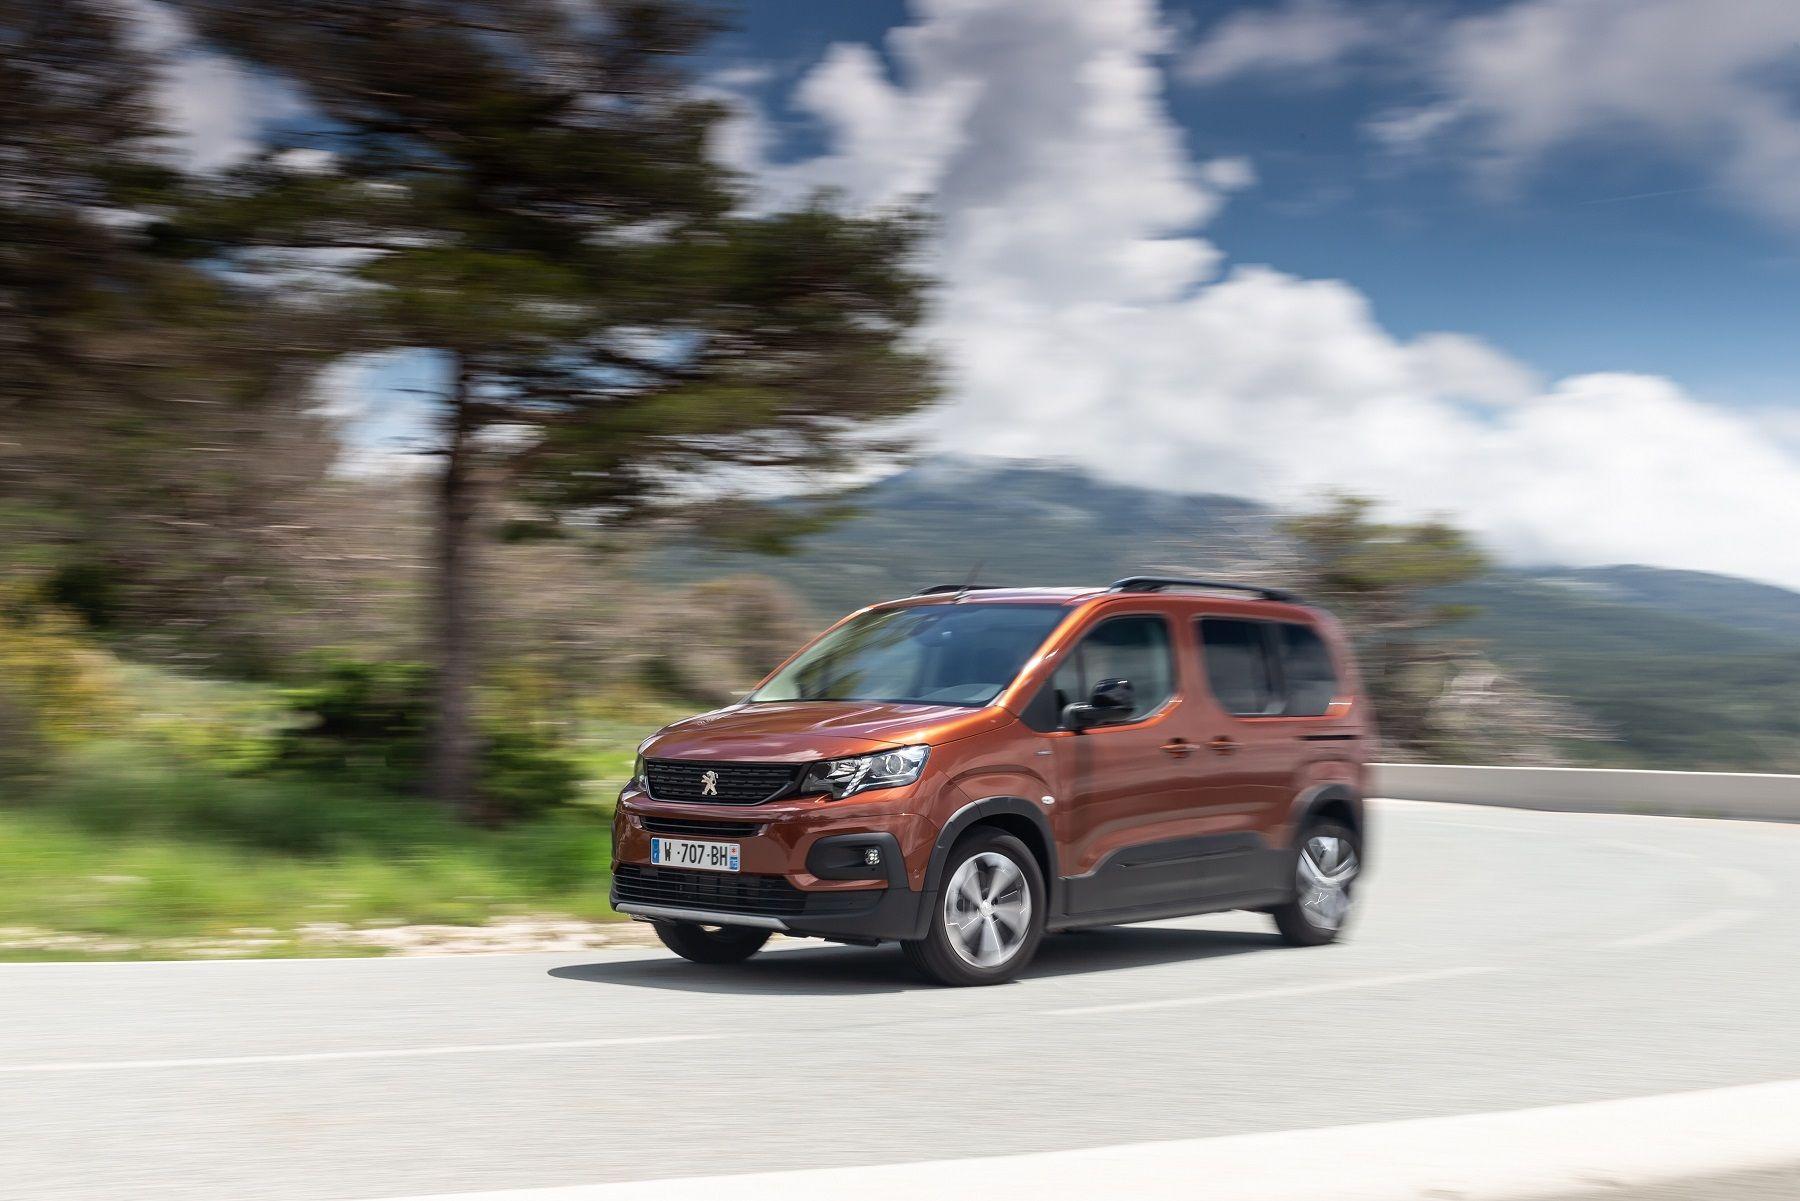 El Nuevo Peugeot Rifter, listo para entrar en acción en su primer invierno